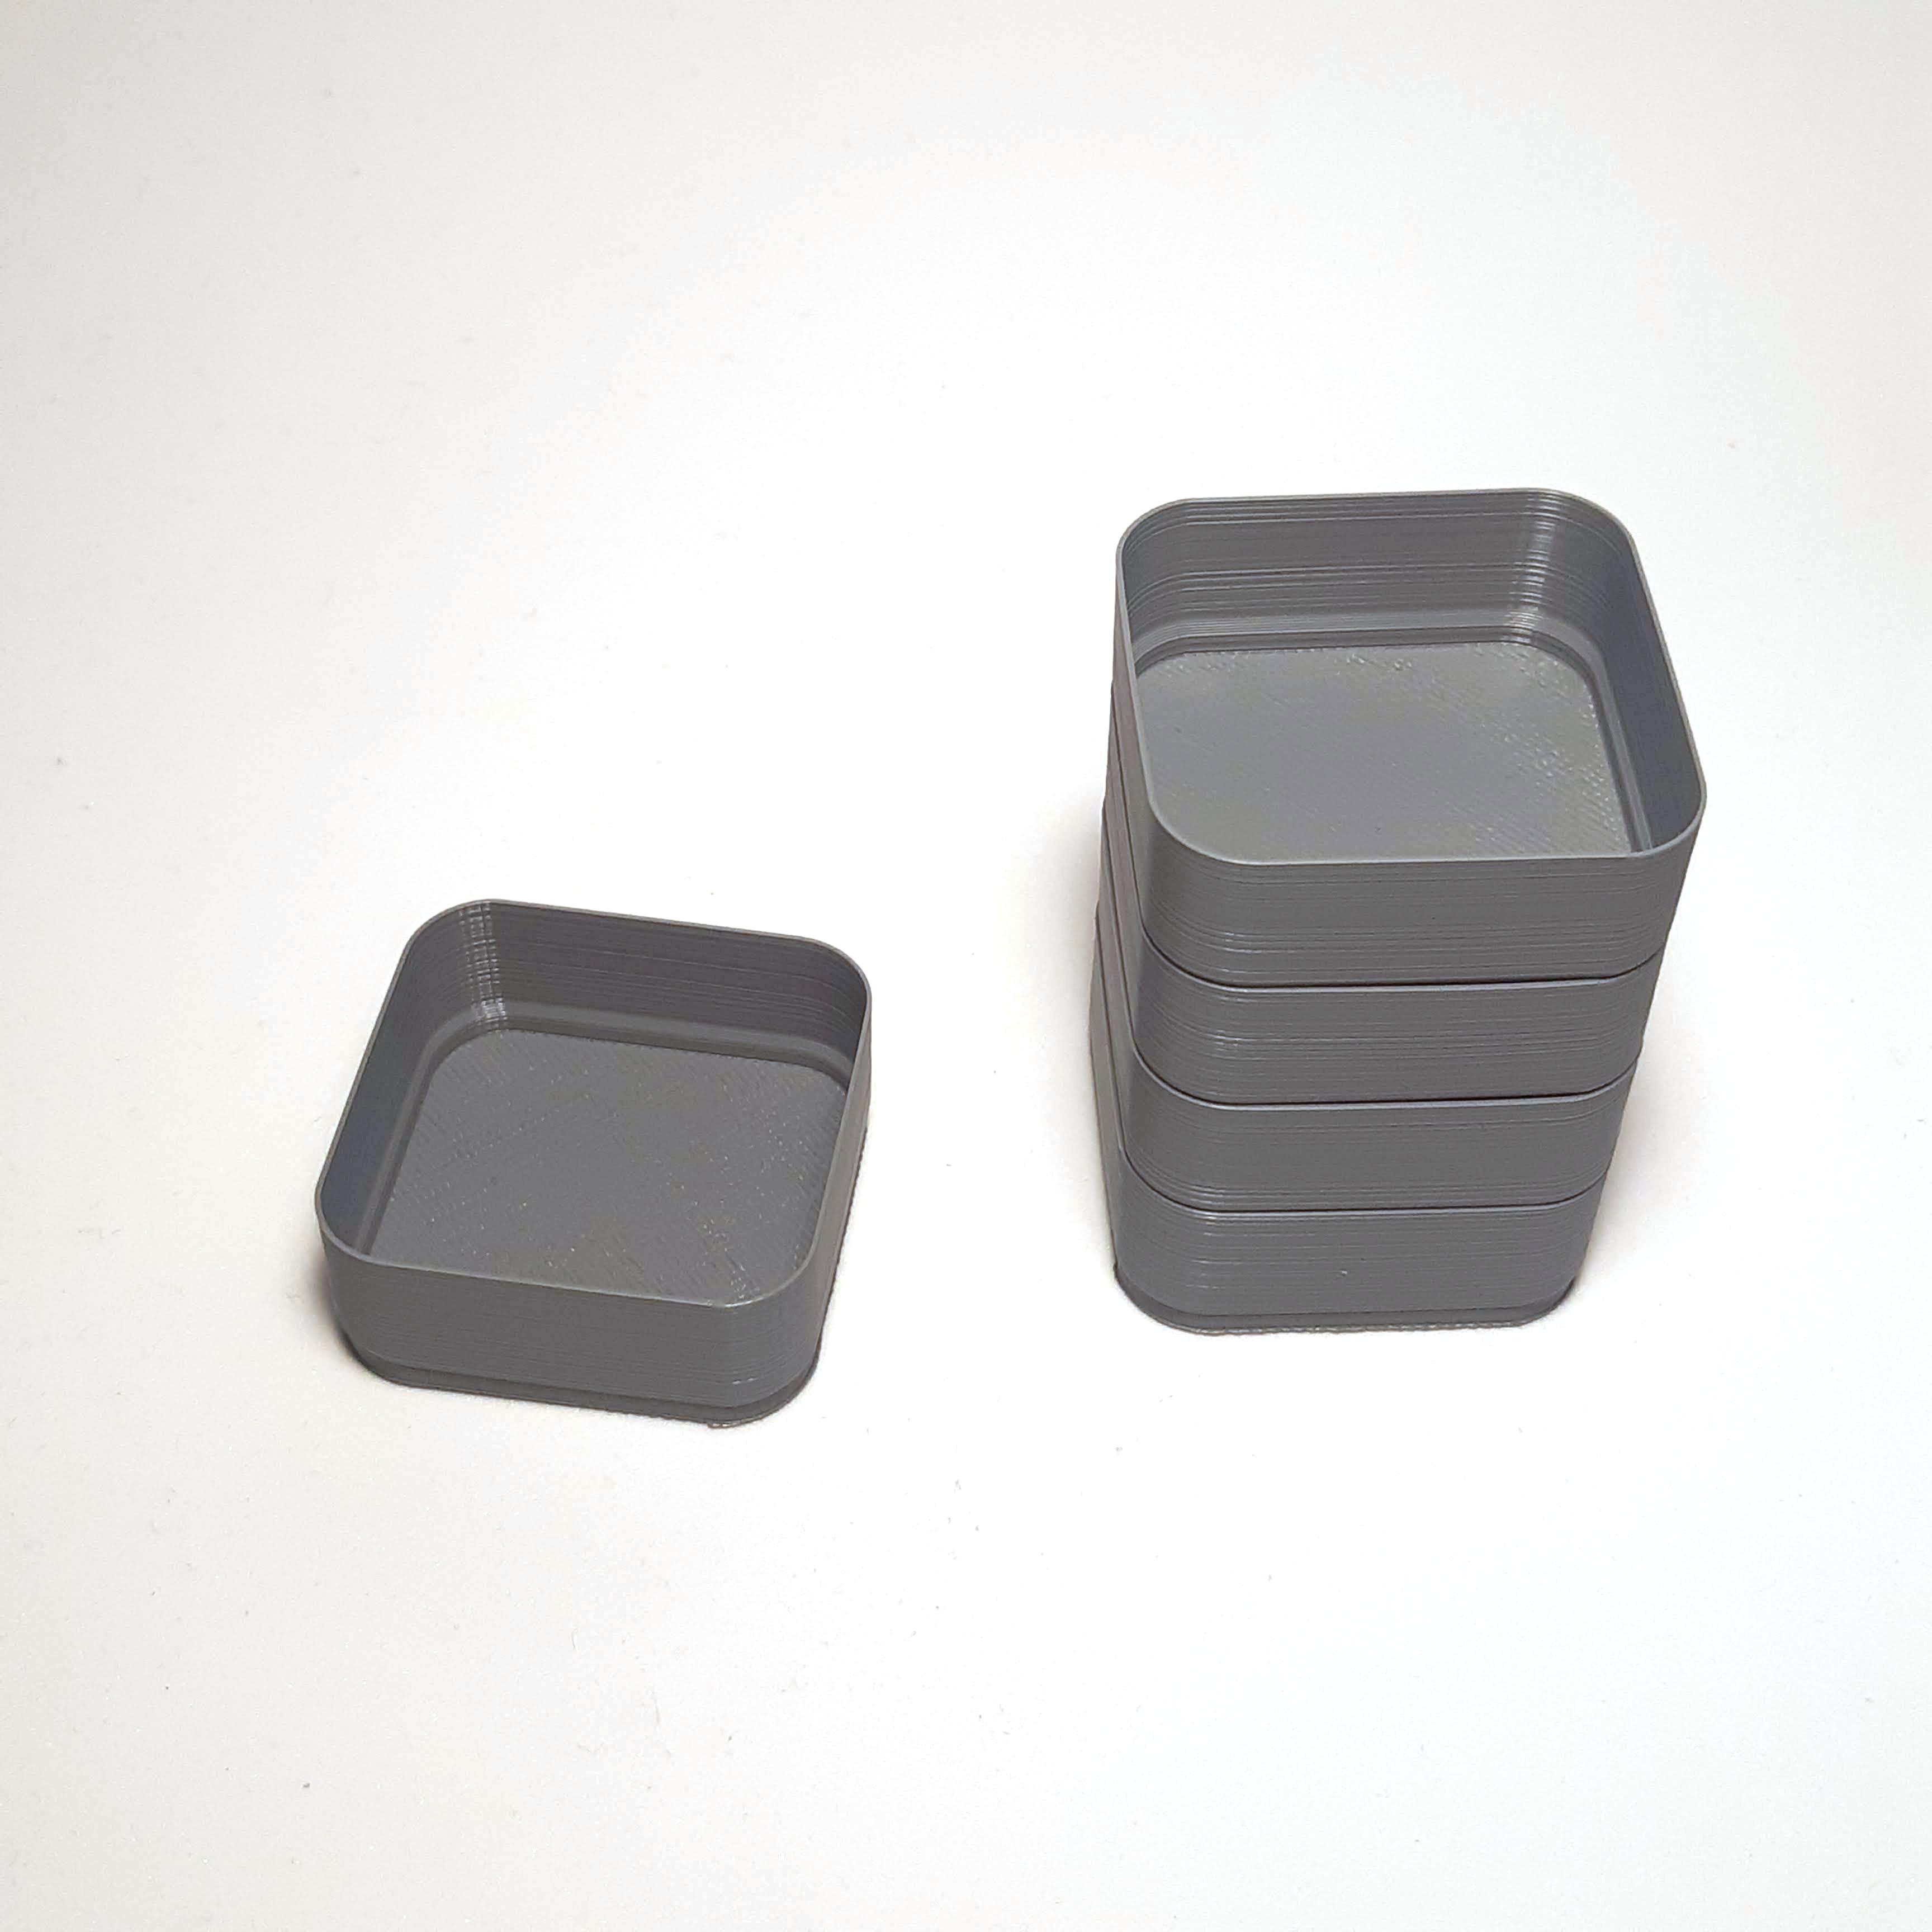 Curves 1 copy 2.png Télécharger fichier STL gratuit Parametric Stackable Boxes with Grasshopper télécharger gratuitement le paramètre • Modèle imprimable en 3D, Othmane